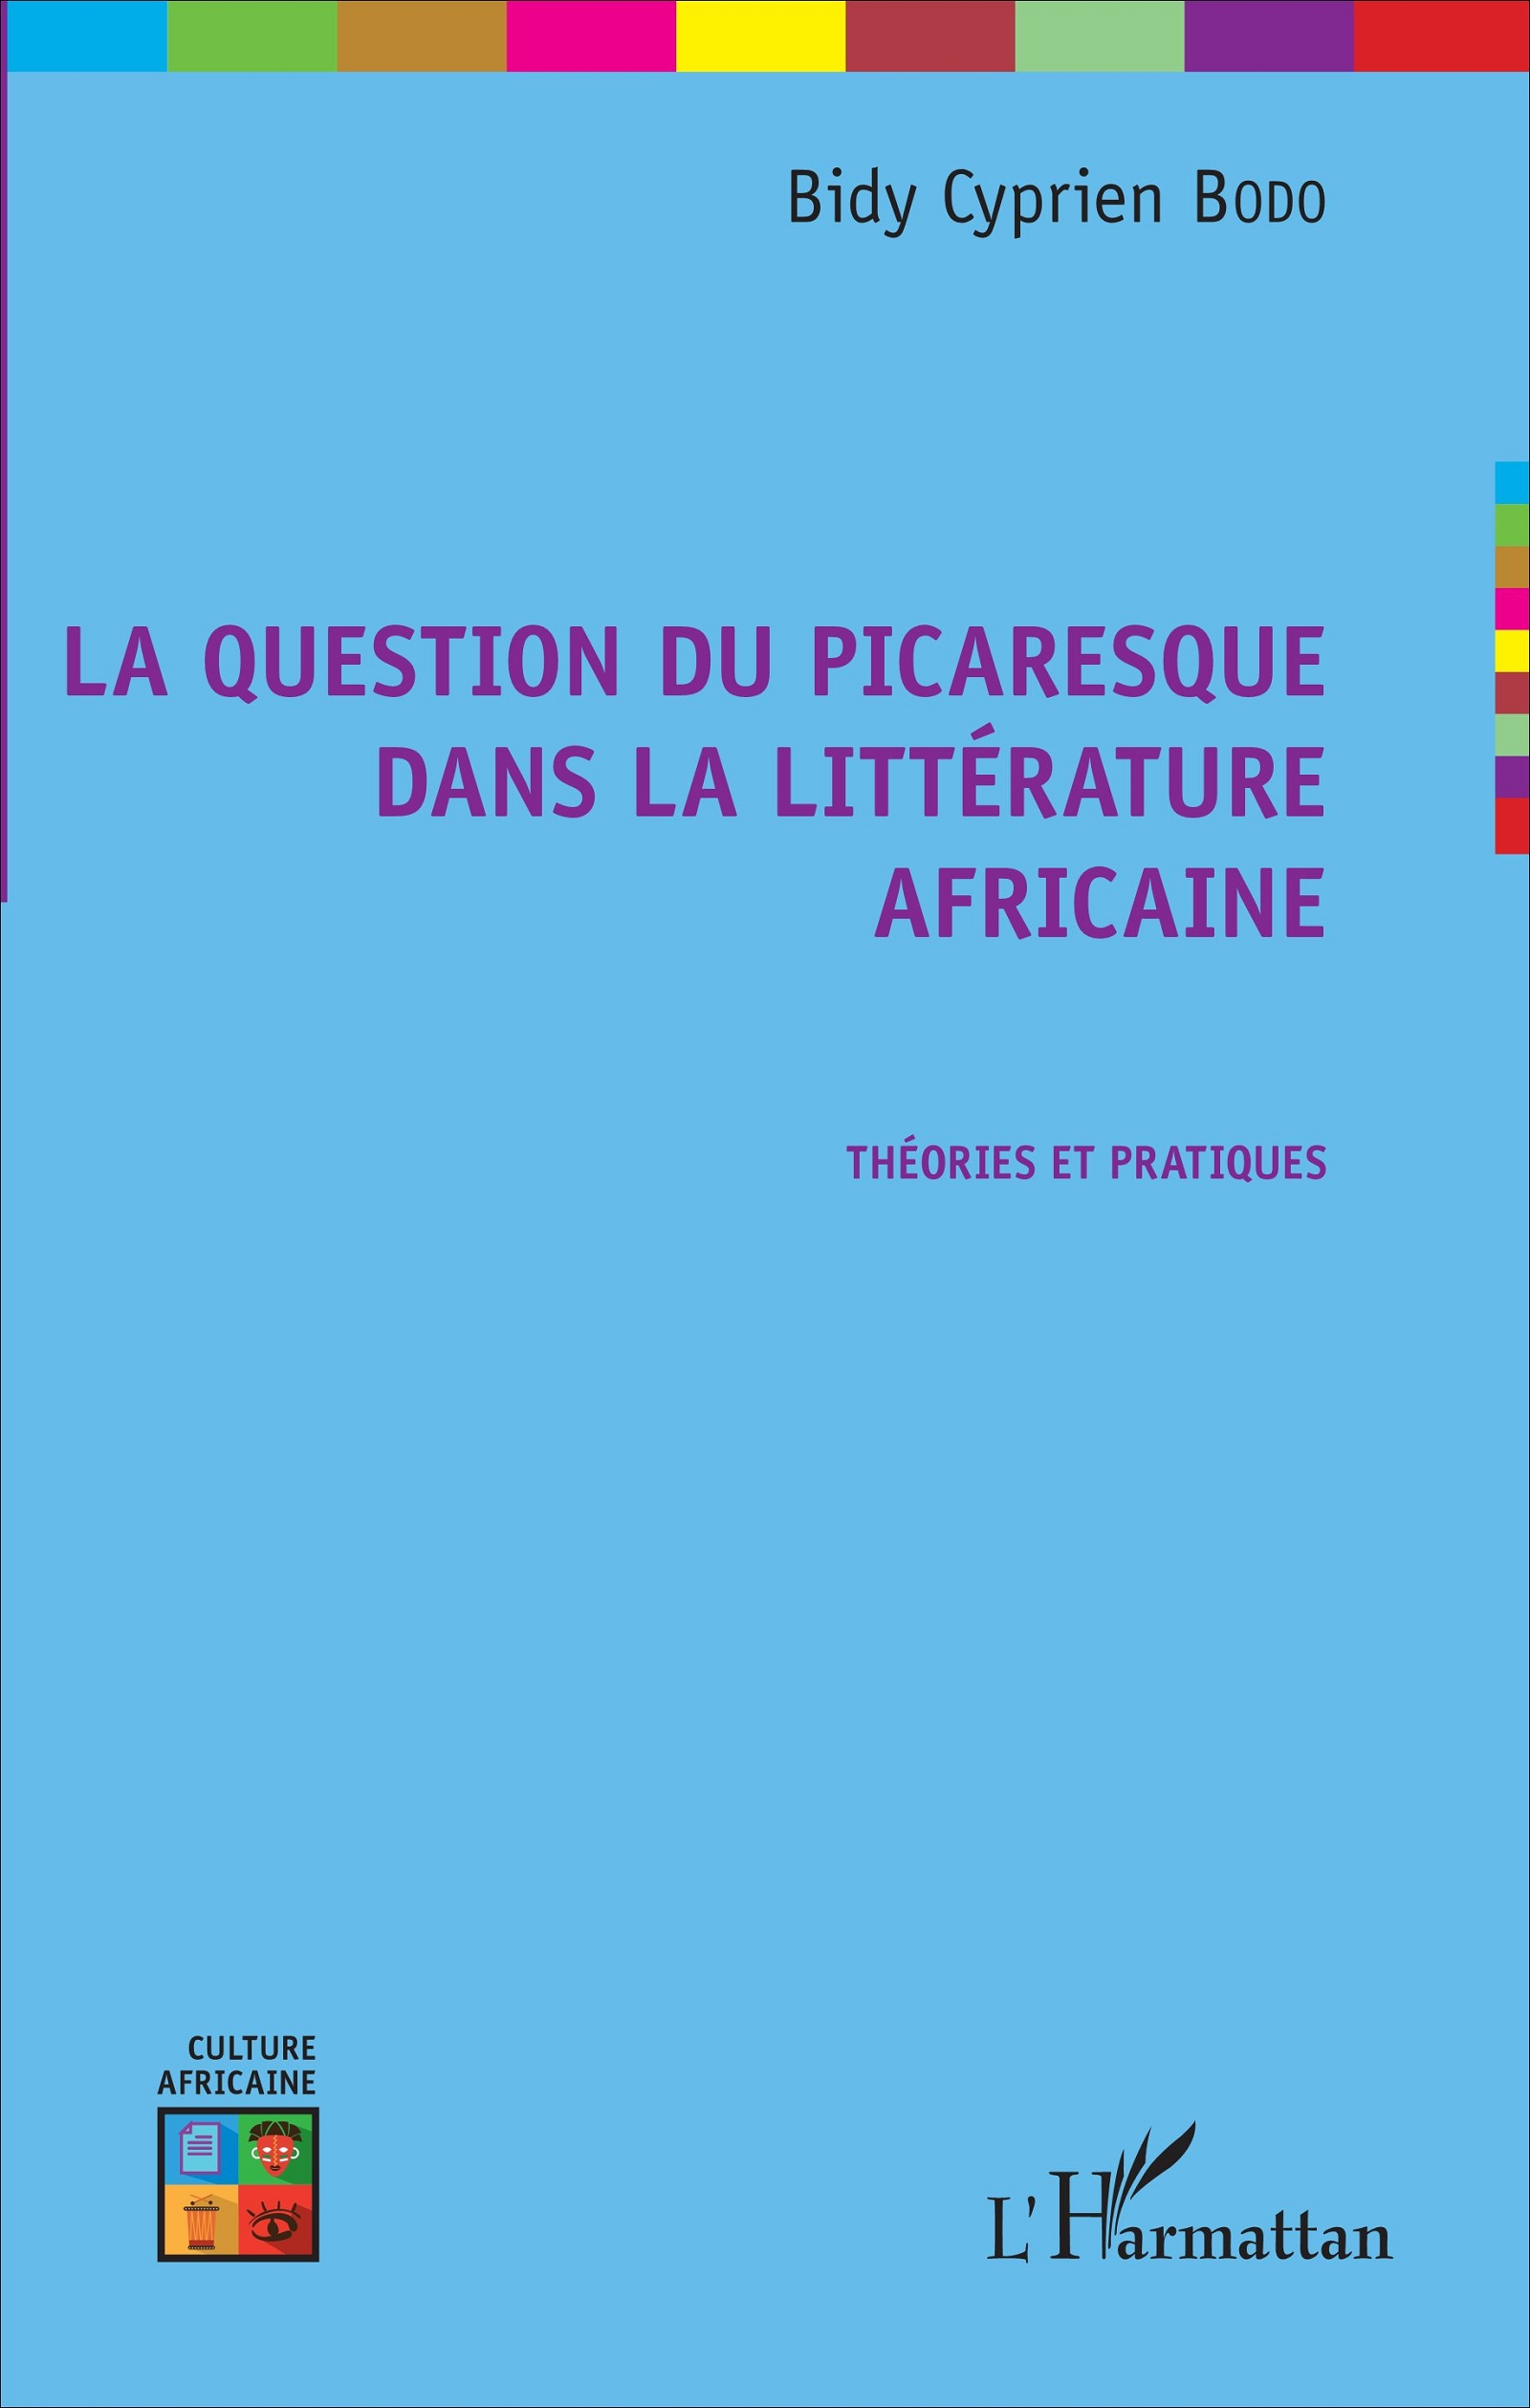 B. C. Bodo, La Question du picaresque dans la littérature africaine - Théories et pratiques